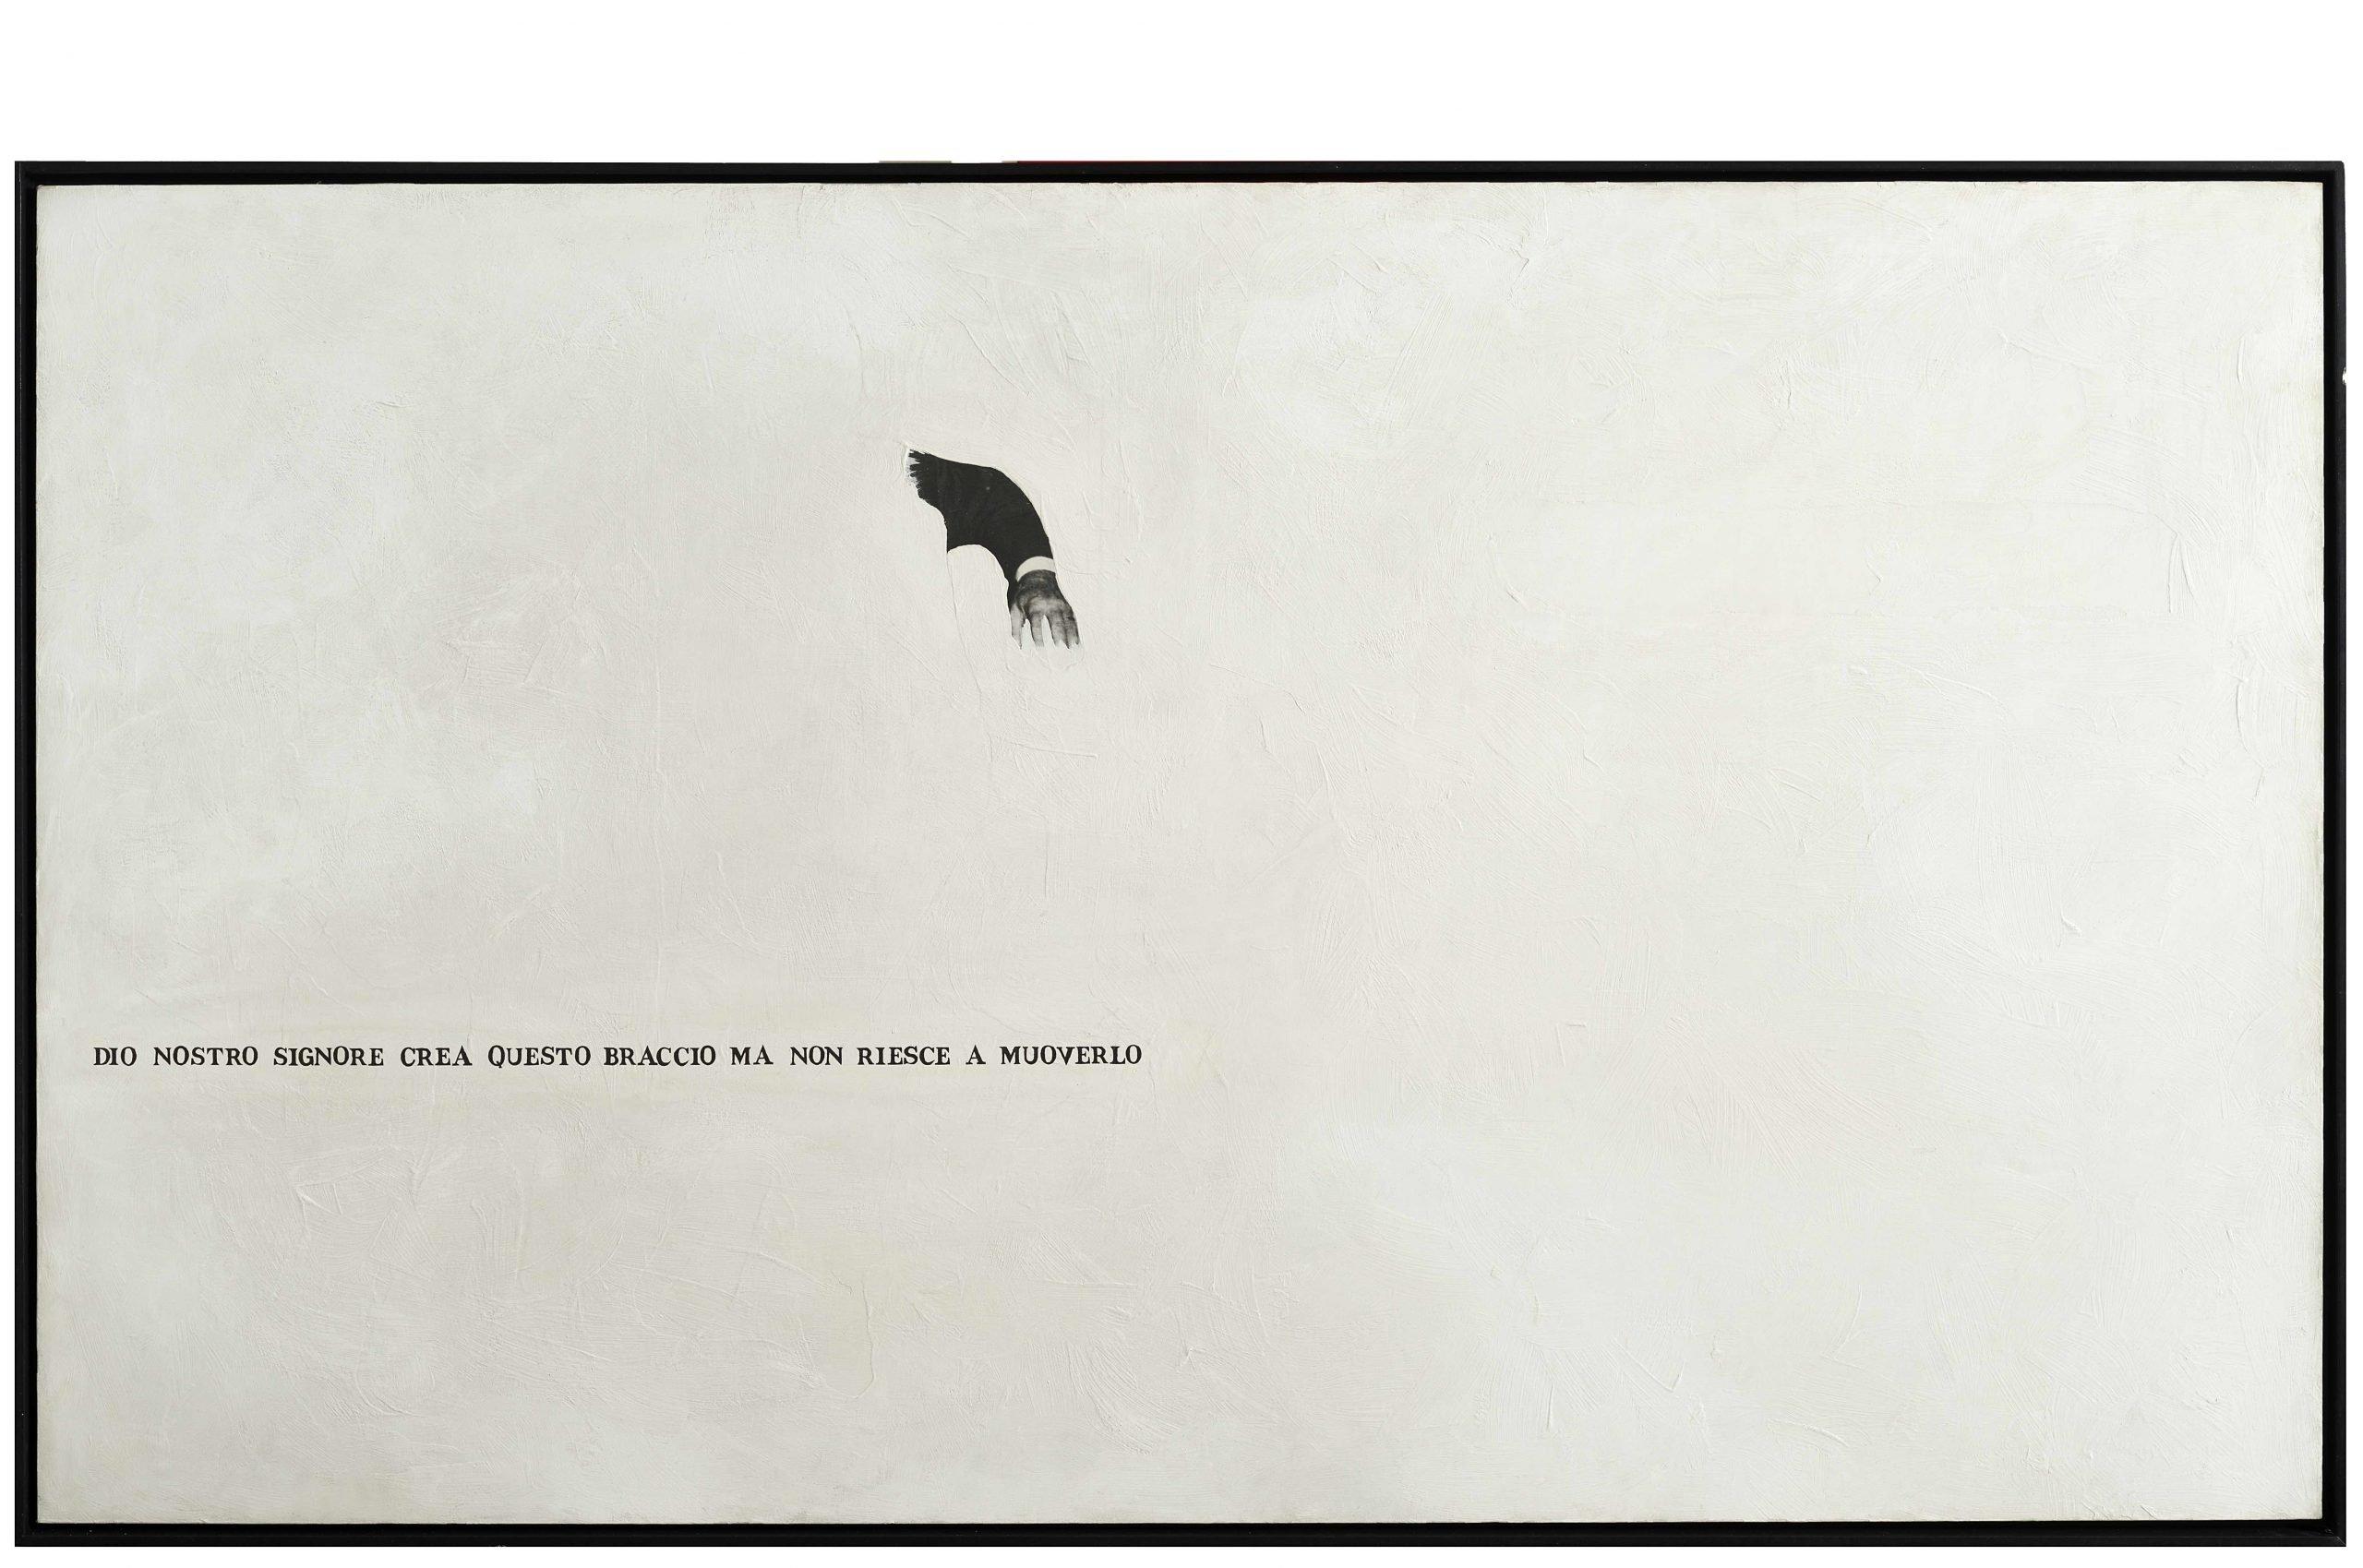 Emilio Isgrò, Il braccio, 1985, technique mixte sur toile sur bois, 118x200 cm